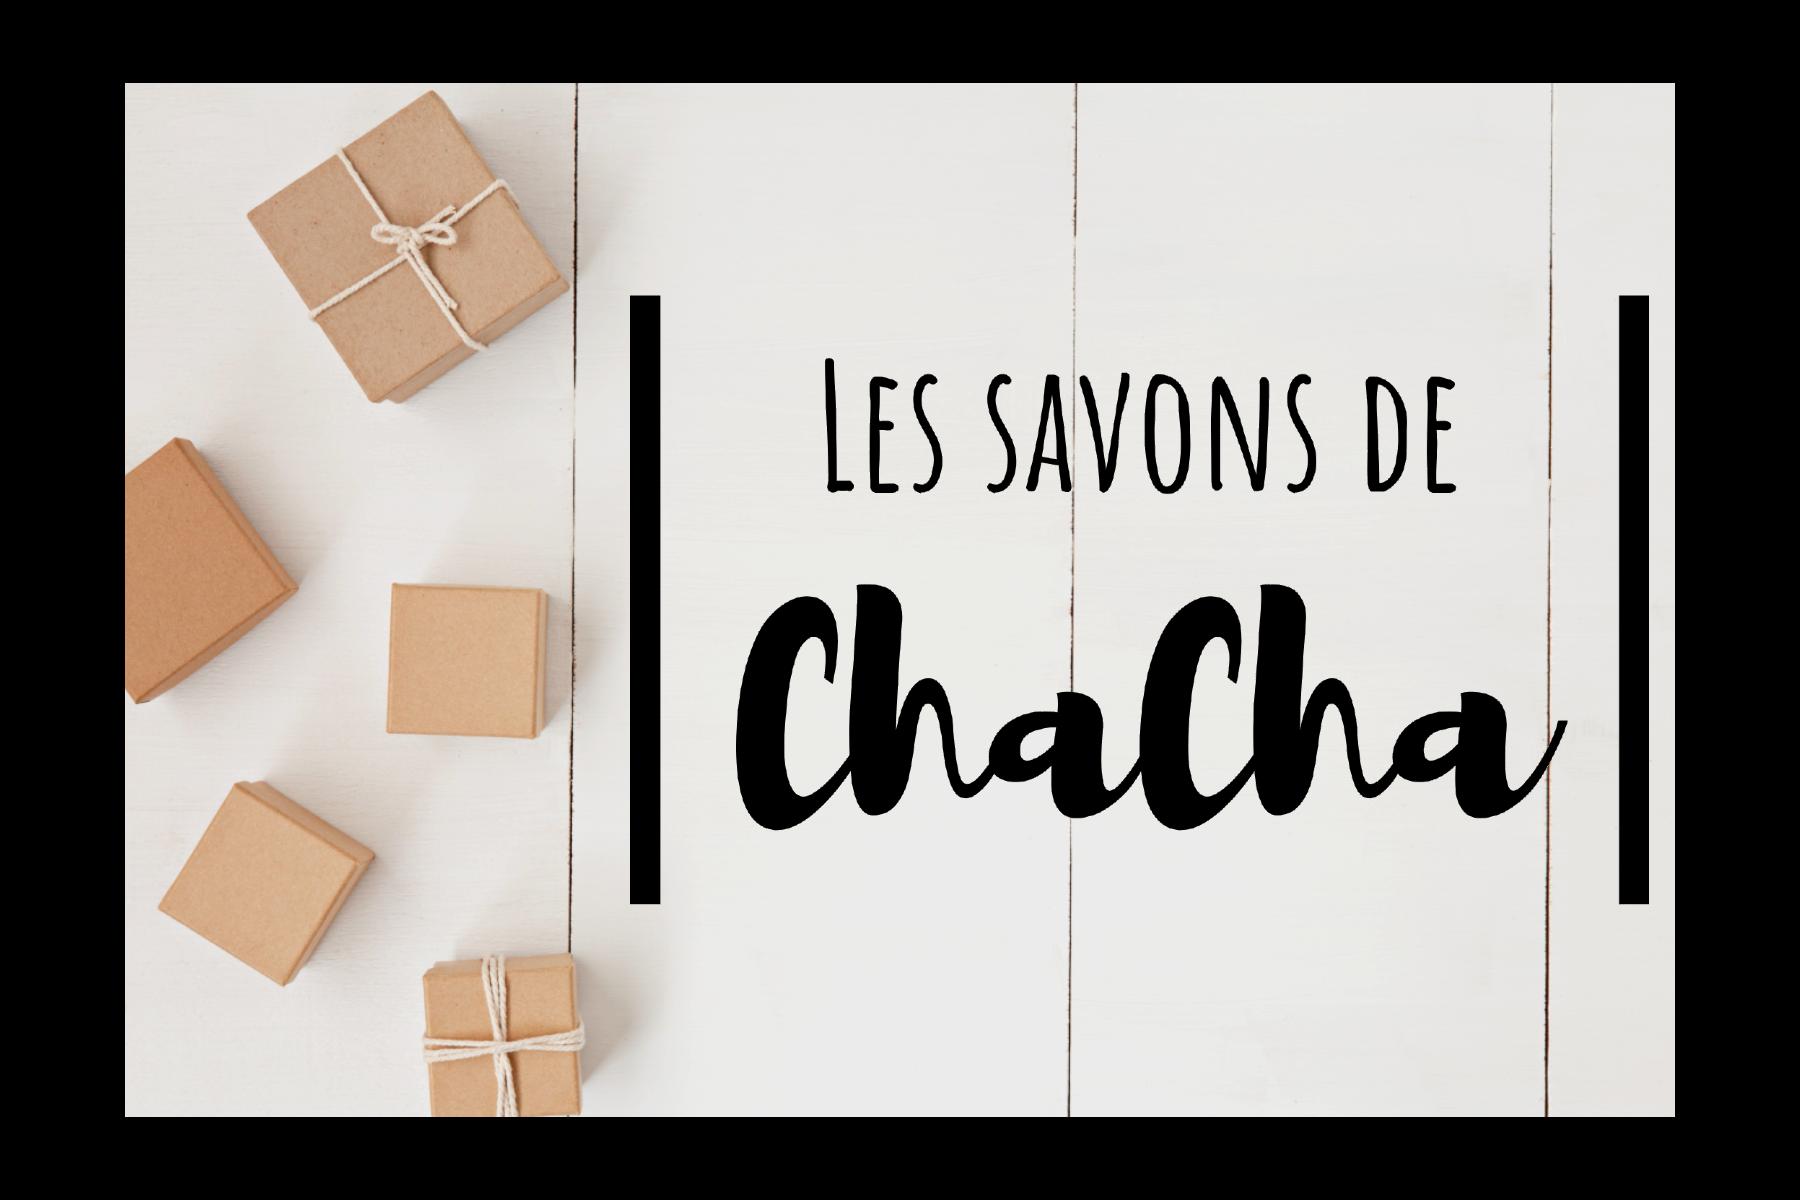 NOUVEAU : La carte cadeau ChaCha !